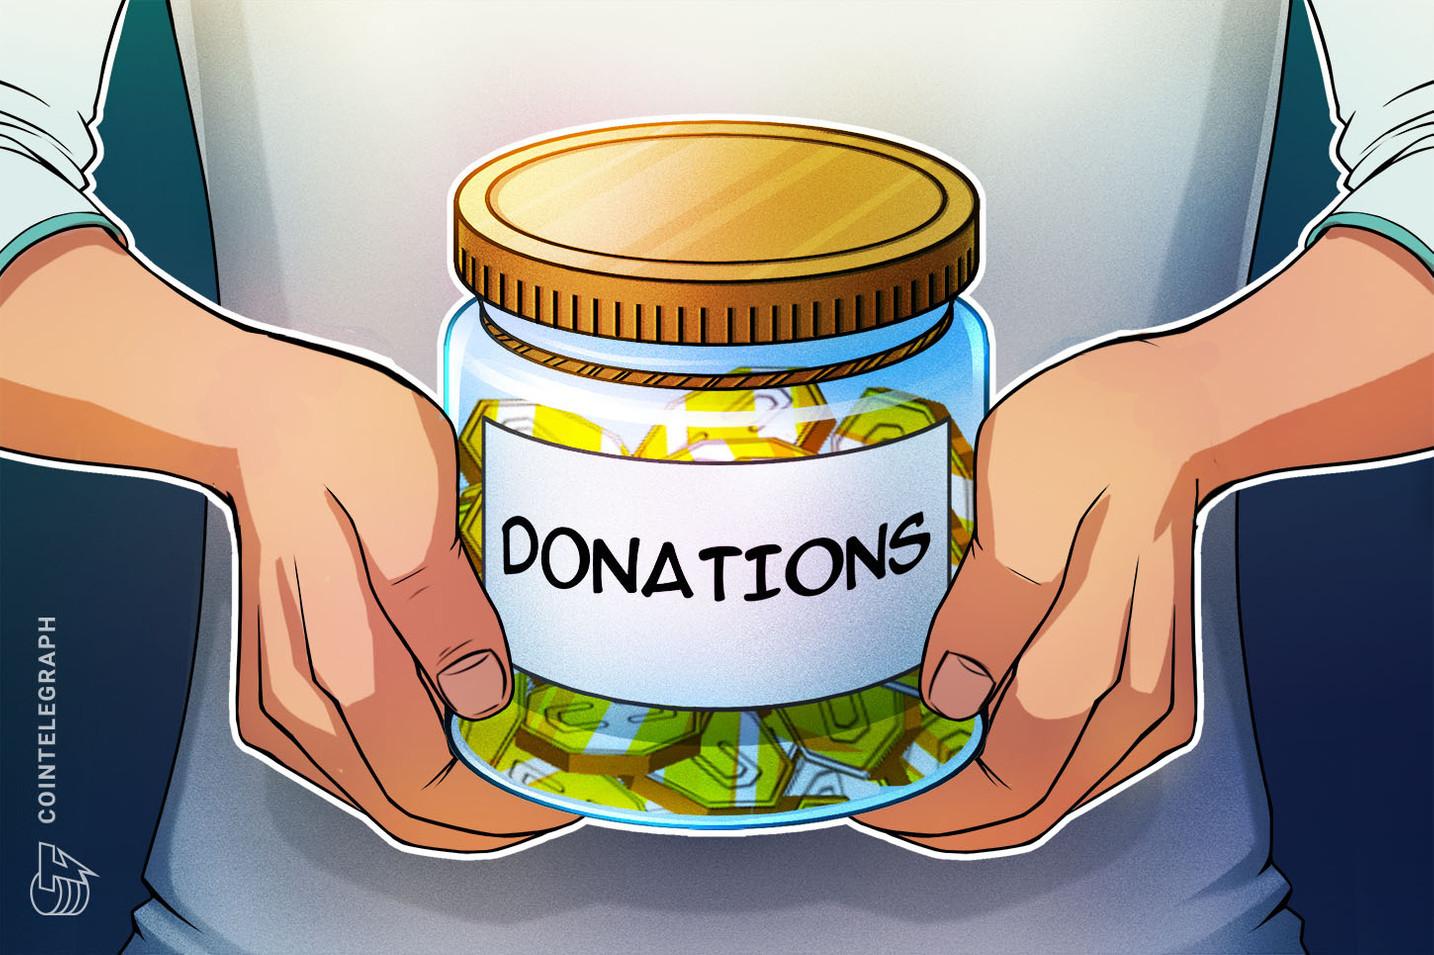 Bitcoin Saves Lives: nuova campagna di raccolta fondi in BTC della Croce Rossa Italiana - Comitato Municipi 2-3 di Roma